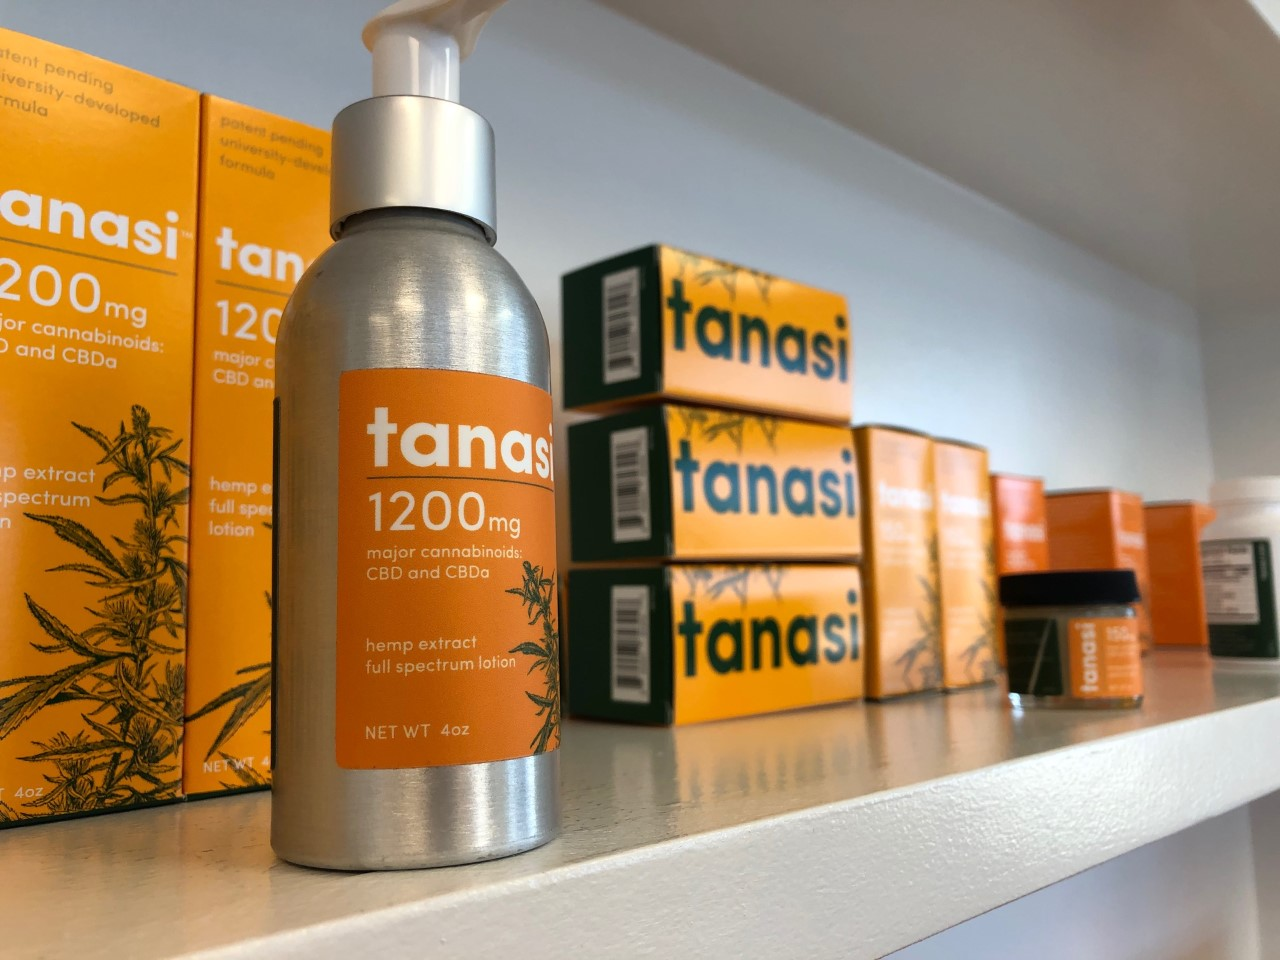 Tanasi CBD products